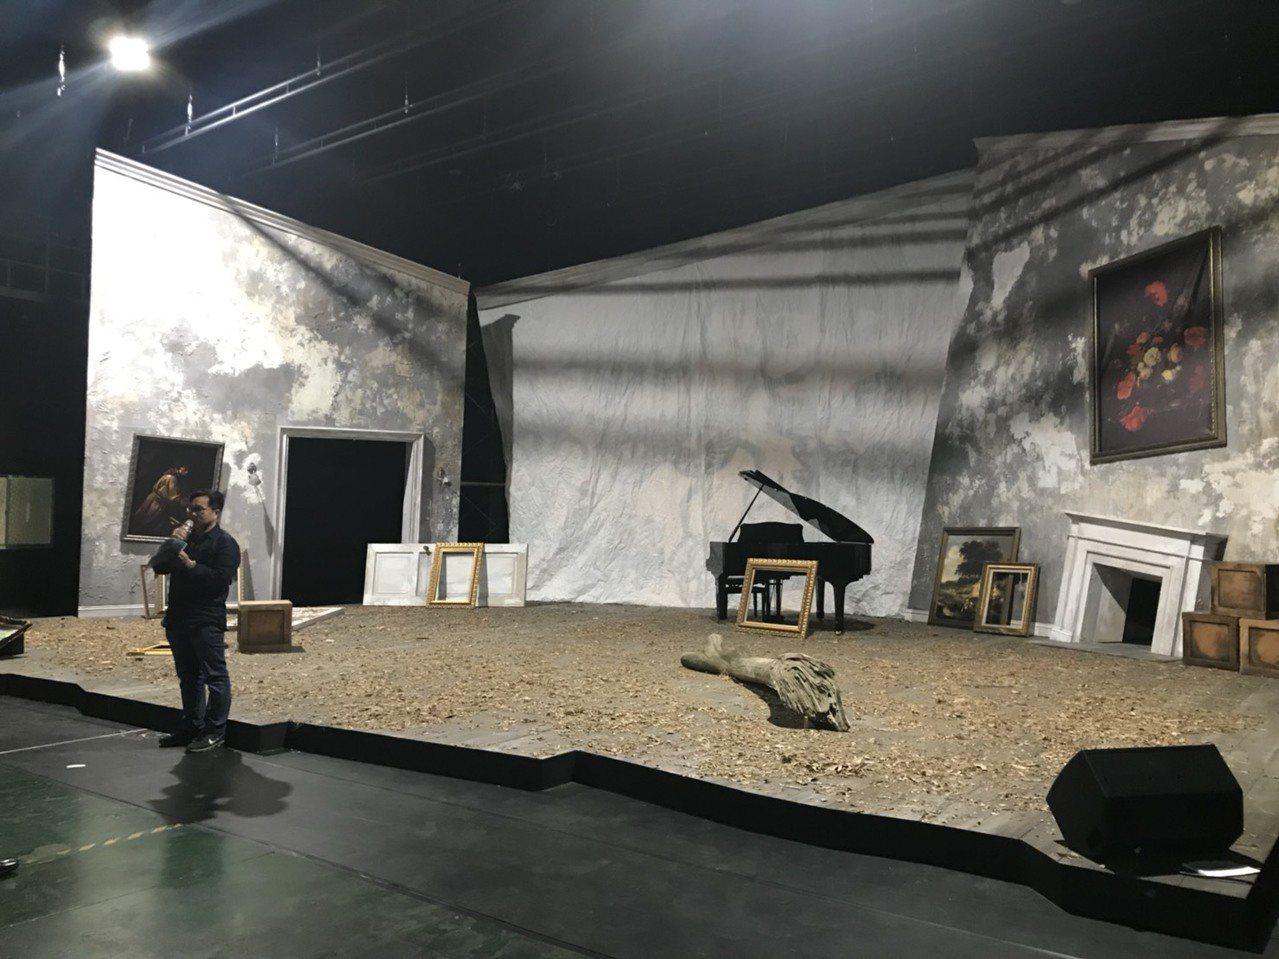 第五屆「奔放音樂節」即將於12月2日起在「奔放E倉庫」展演,邀請多組藝術家演出。...